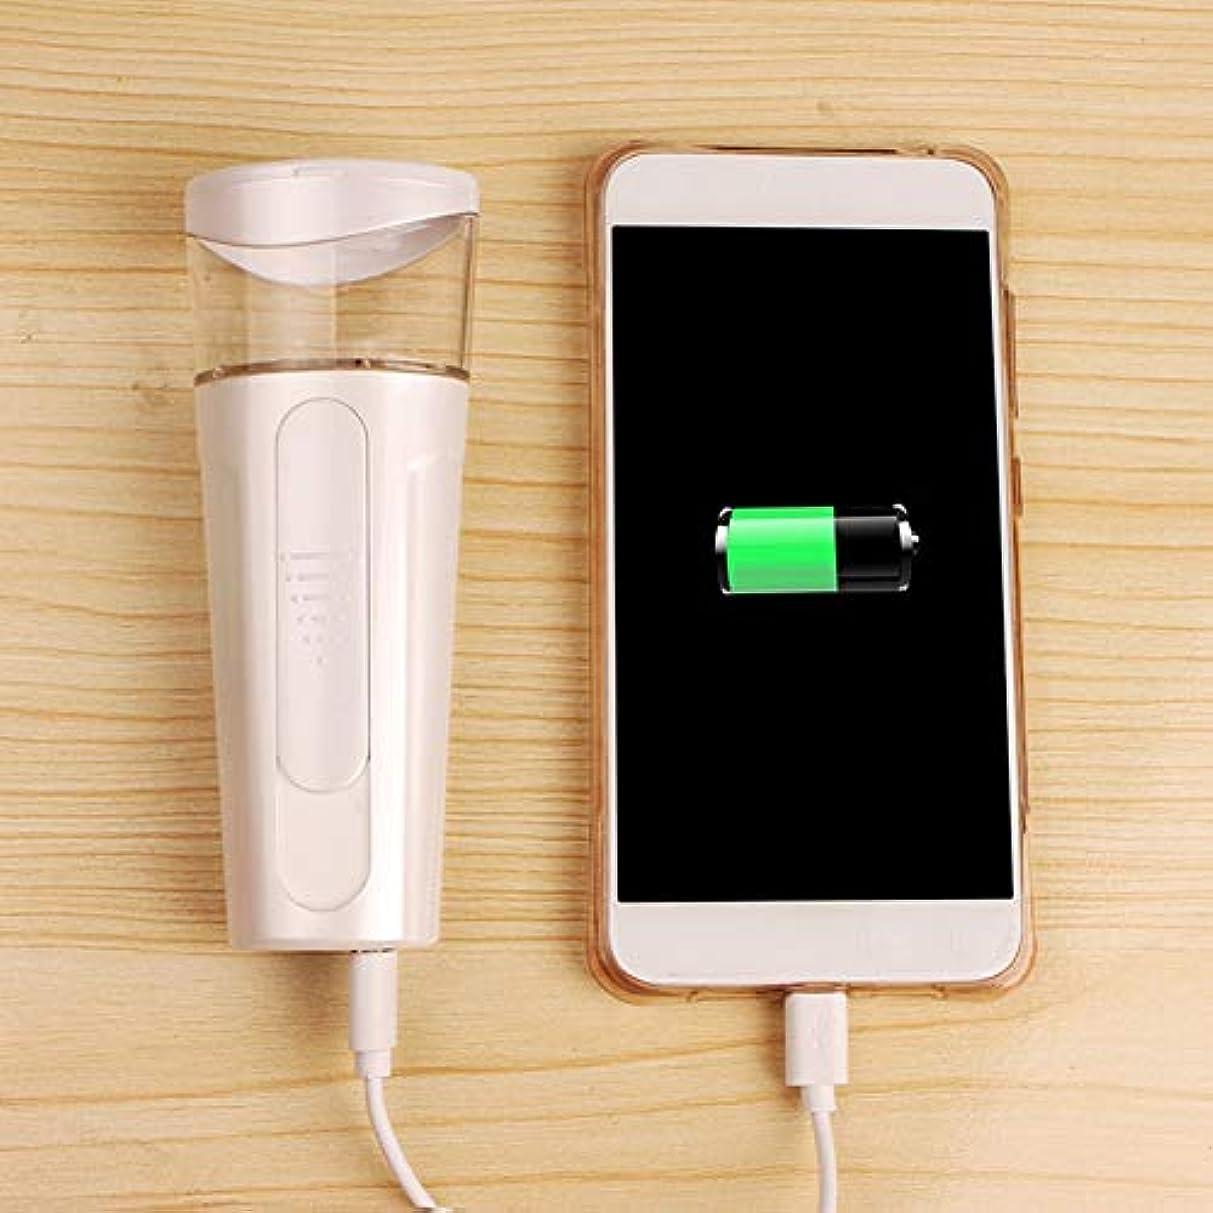 前進から通行人ナノ保湿スプレー ナノイオン フェイシャルスチーム 深い保湿 スキンケア コールドフォグ 化粧鏡 USB充電 モバイルバッテリー (Color : White)